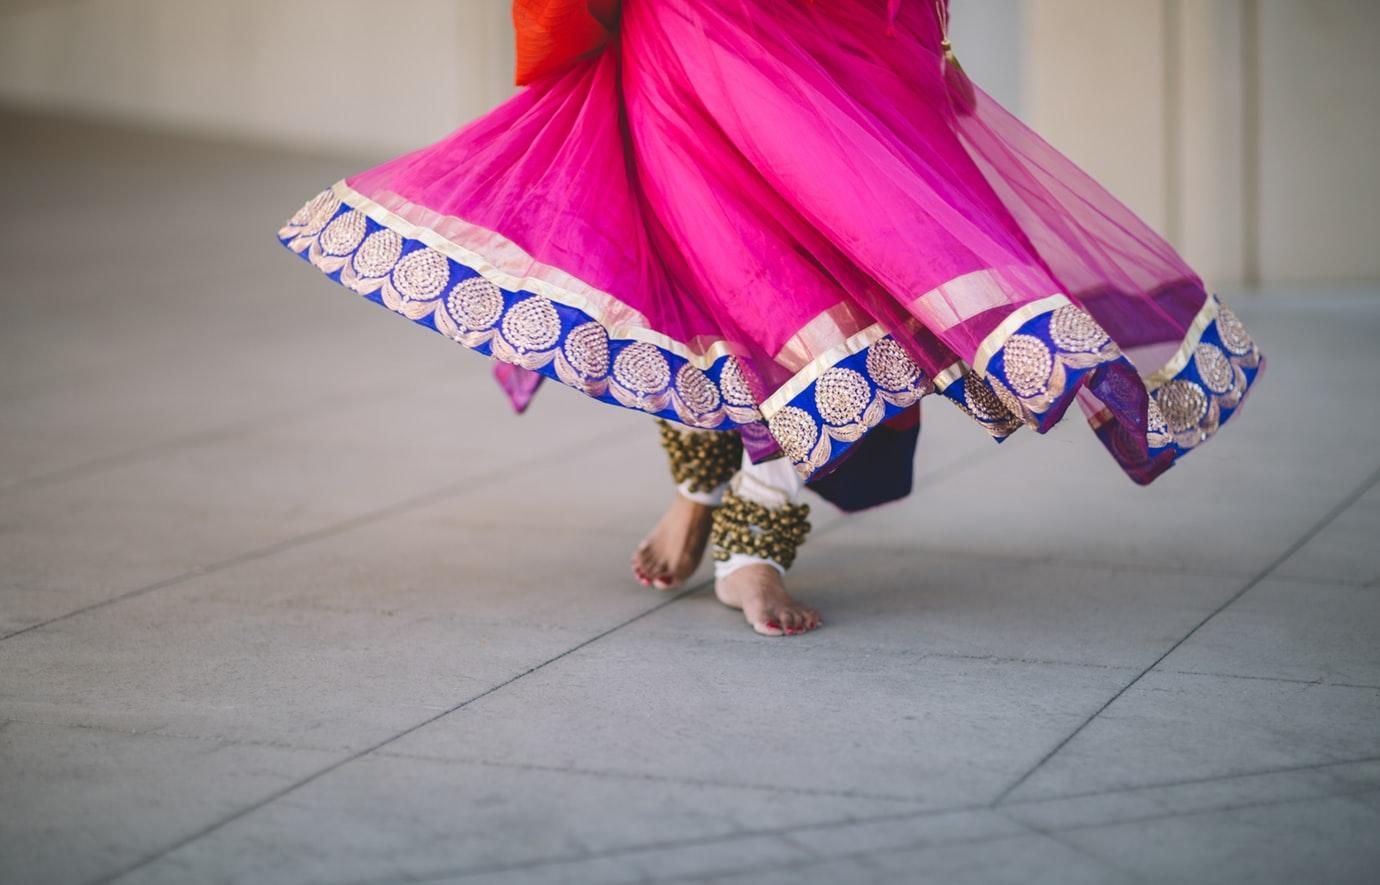 Dansen zonder schaamte